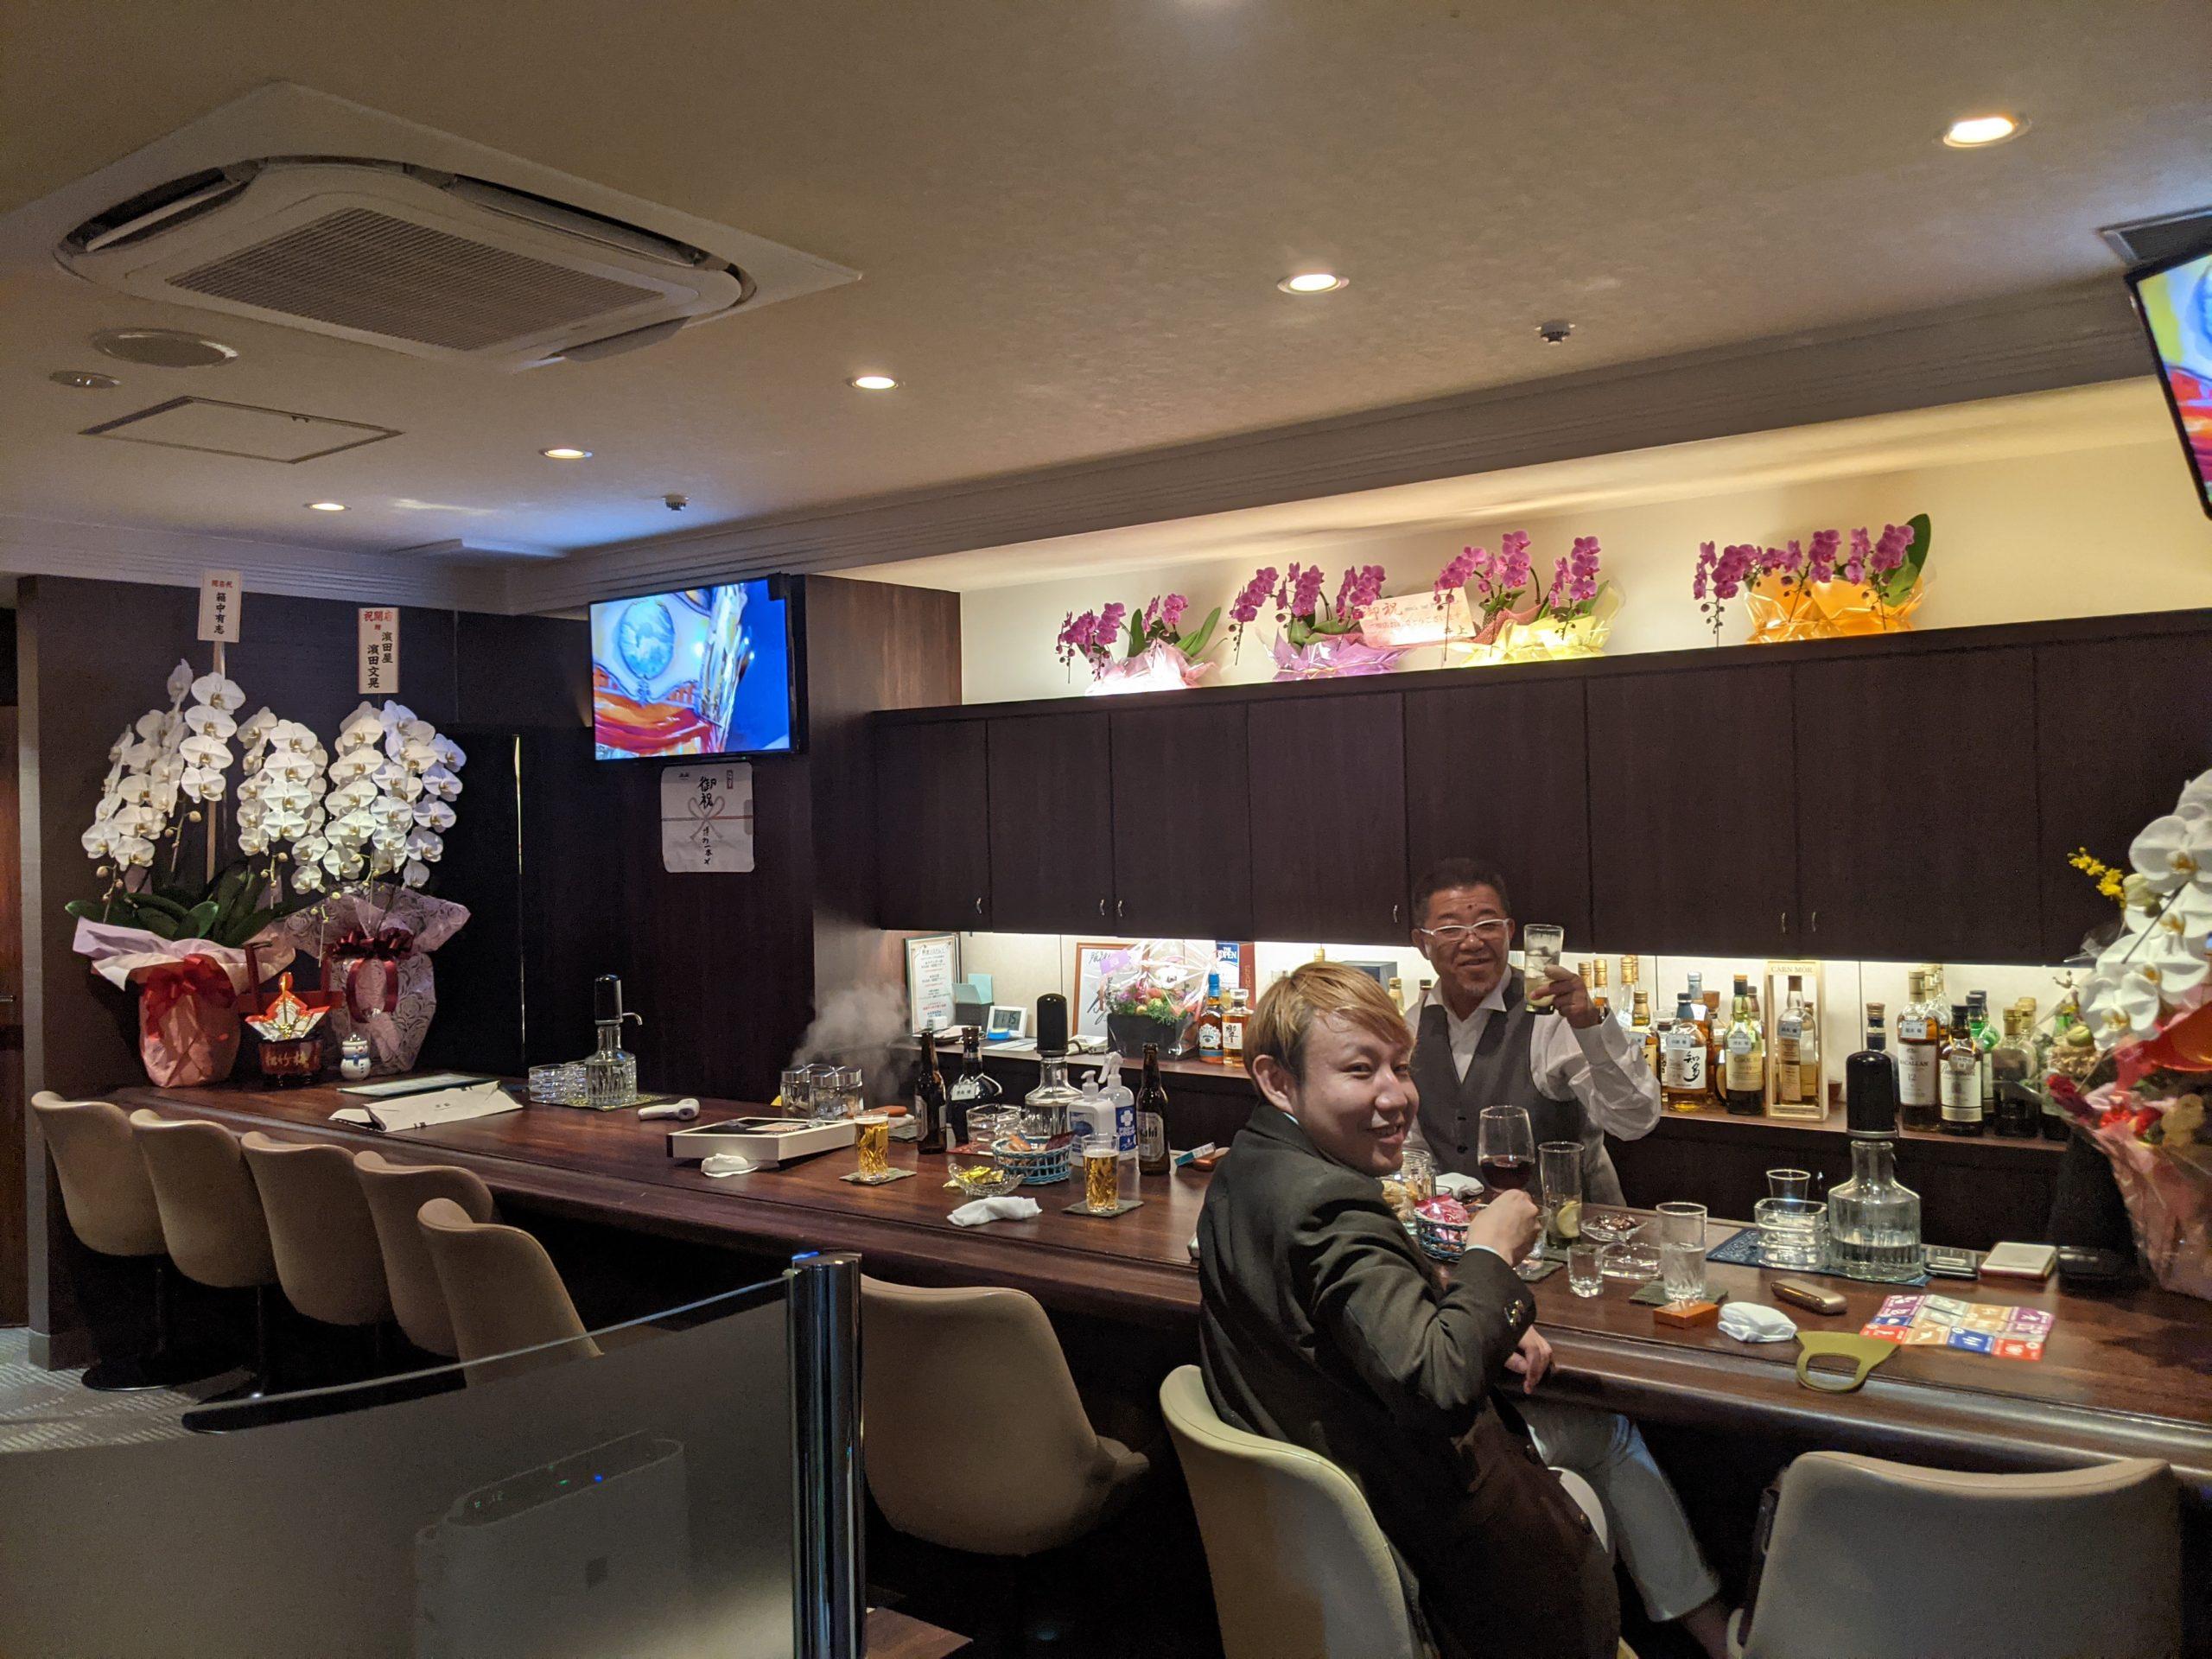 森幹夫さんのお店『PARADISE』が移転オープン!